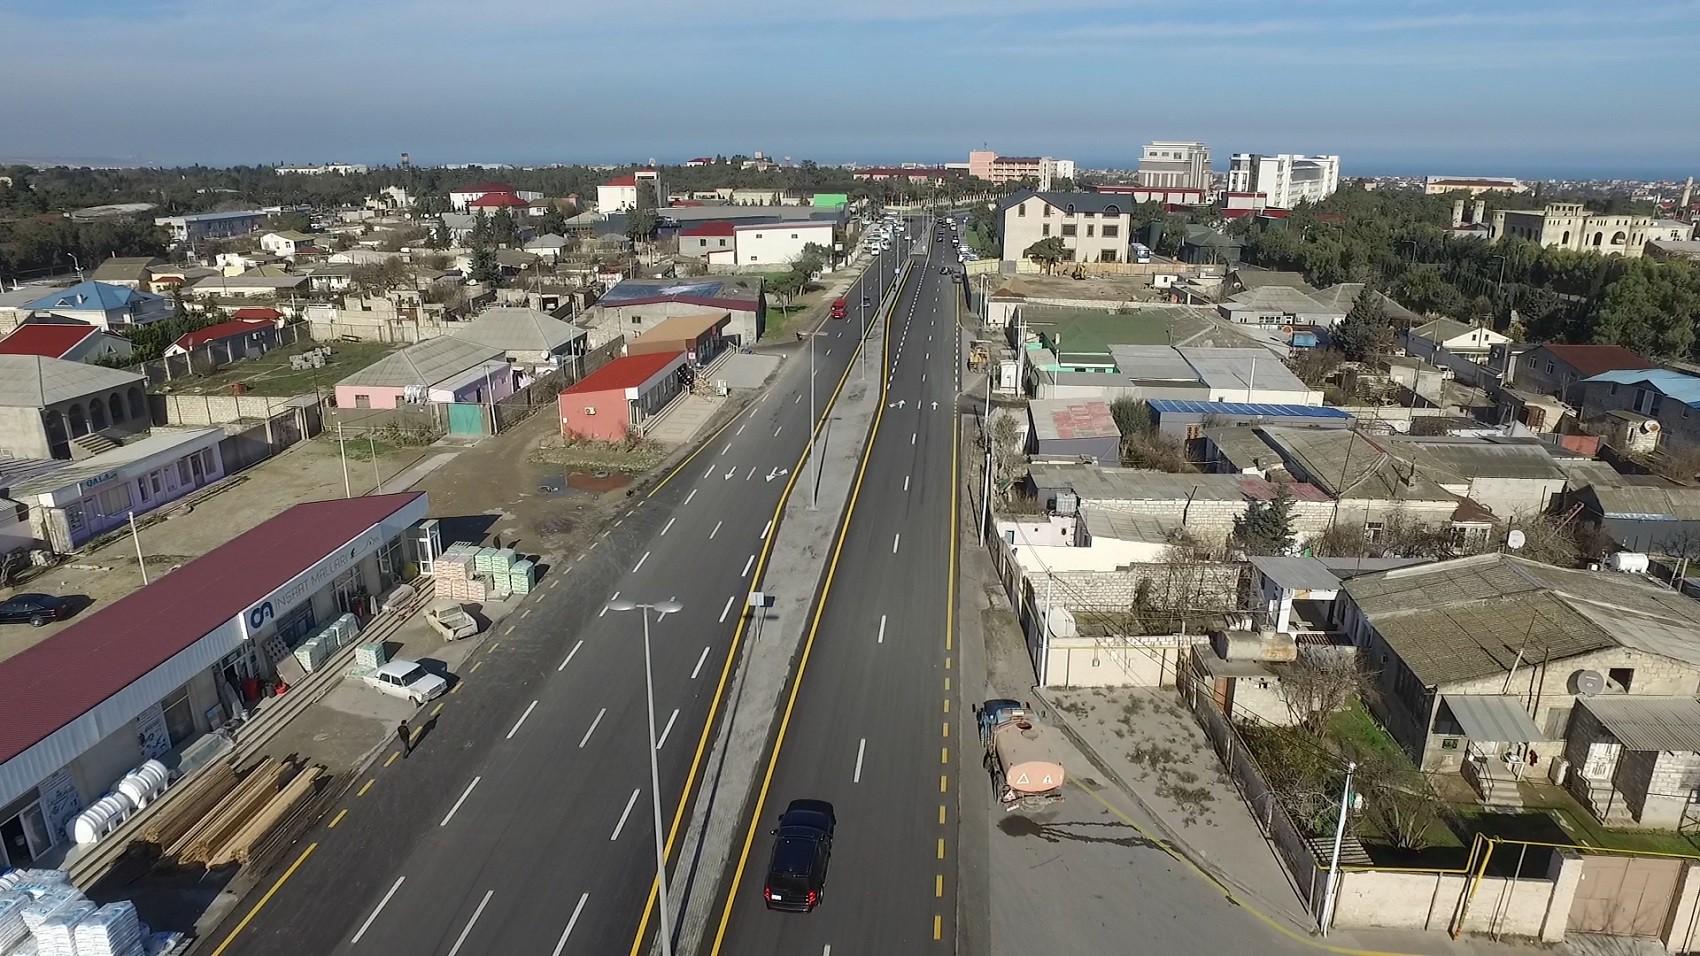 показать фото района мардакяны в городе баку квартир афипском